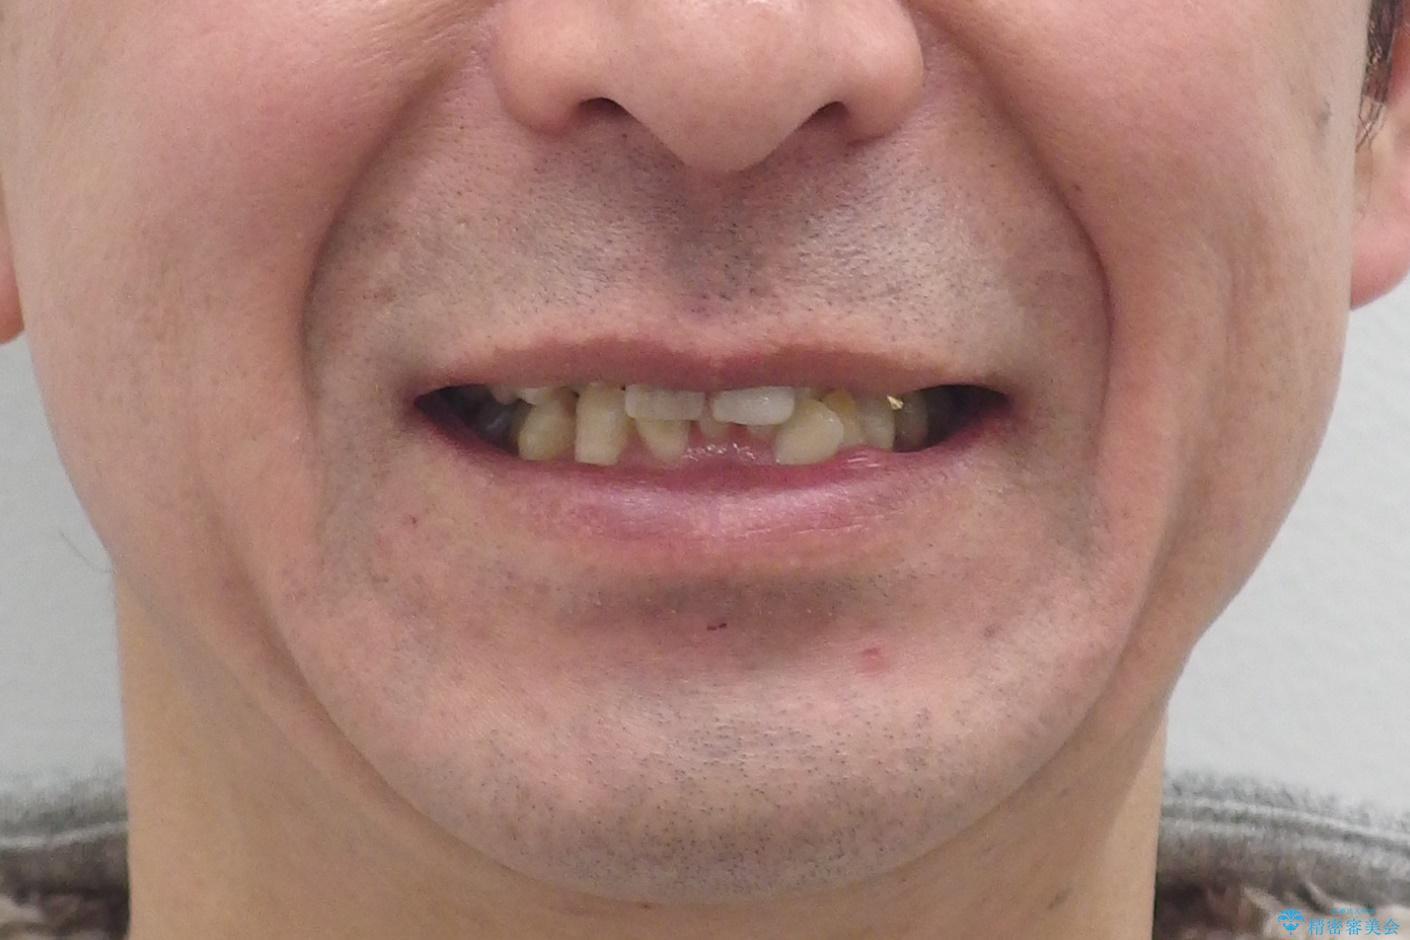 奥に引っ込んでいる歯をセラミックでかぶせたい 補綴前矯正 50代男性の治療前(顔貌)